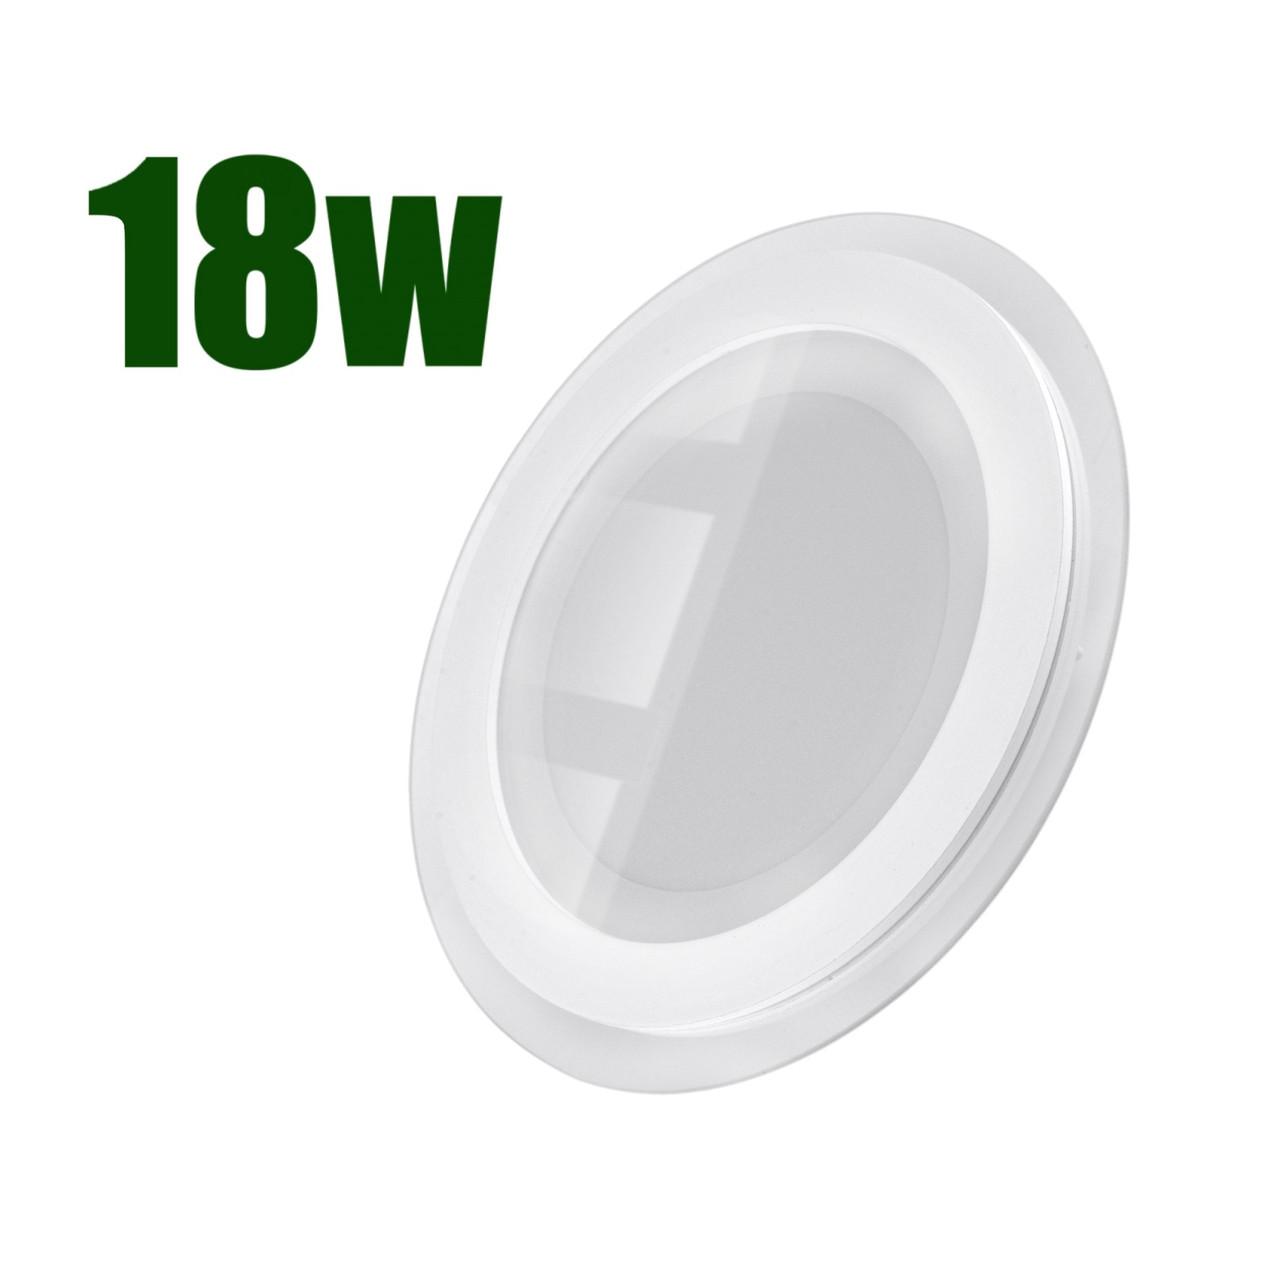 Светильник светодиодный встраиваемый LEDEX 18Вт 4000K 1380lm круг стекло (102960)